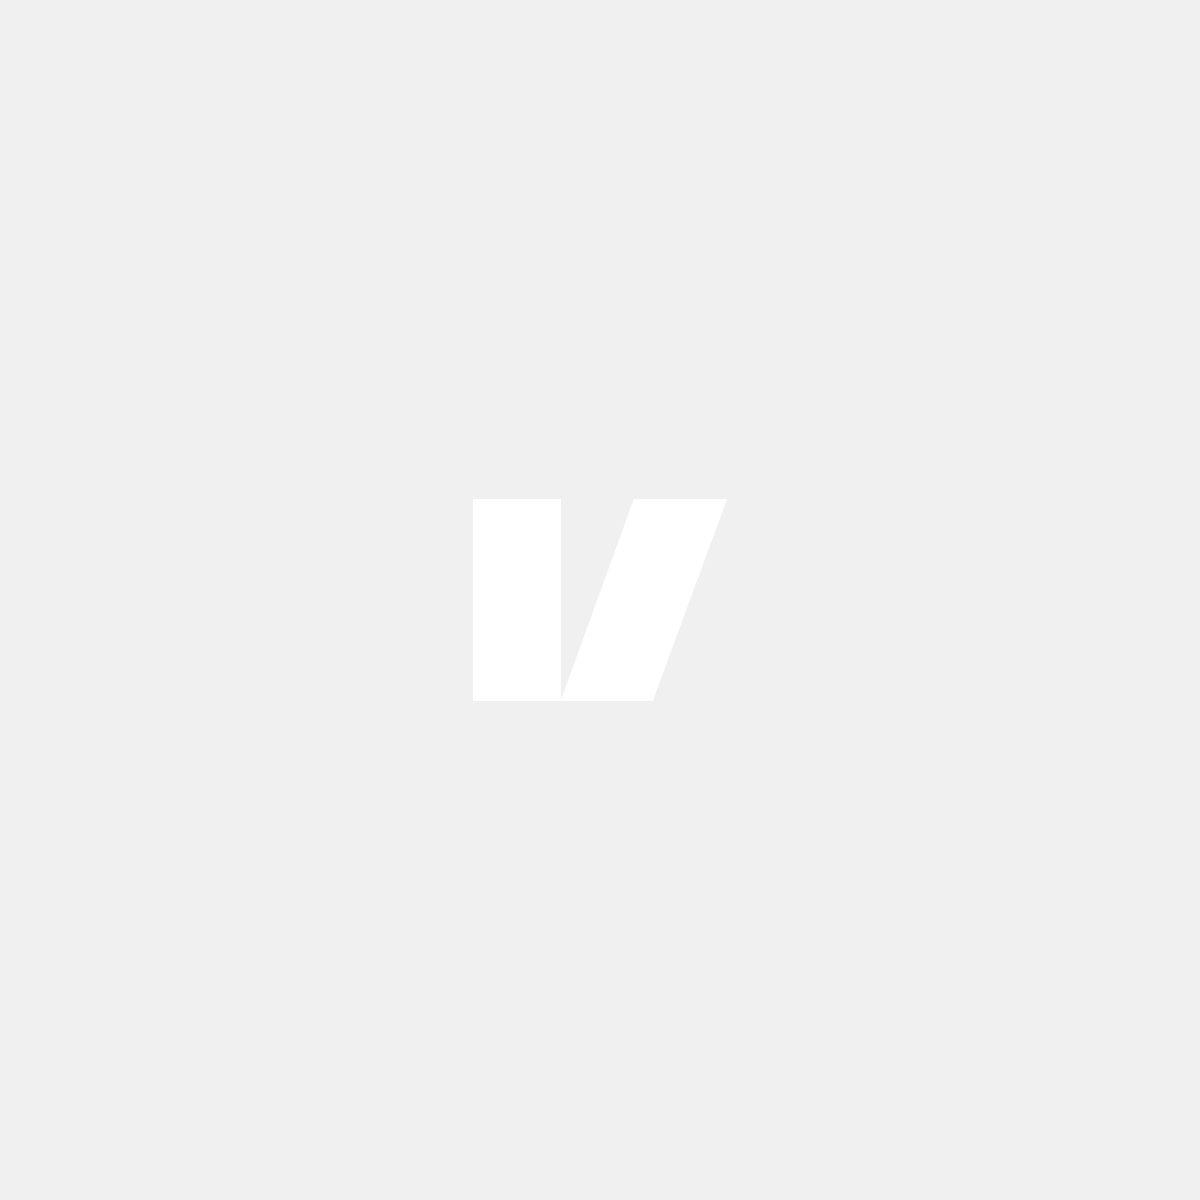 Krängningshämmare stag, stång till Volvo 850, S70, C70, V70